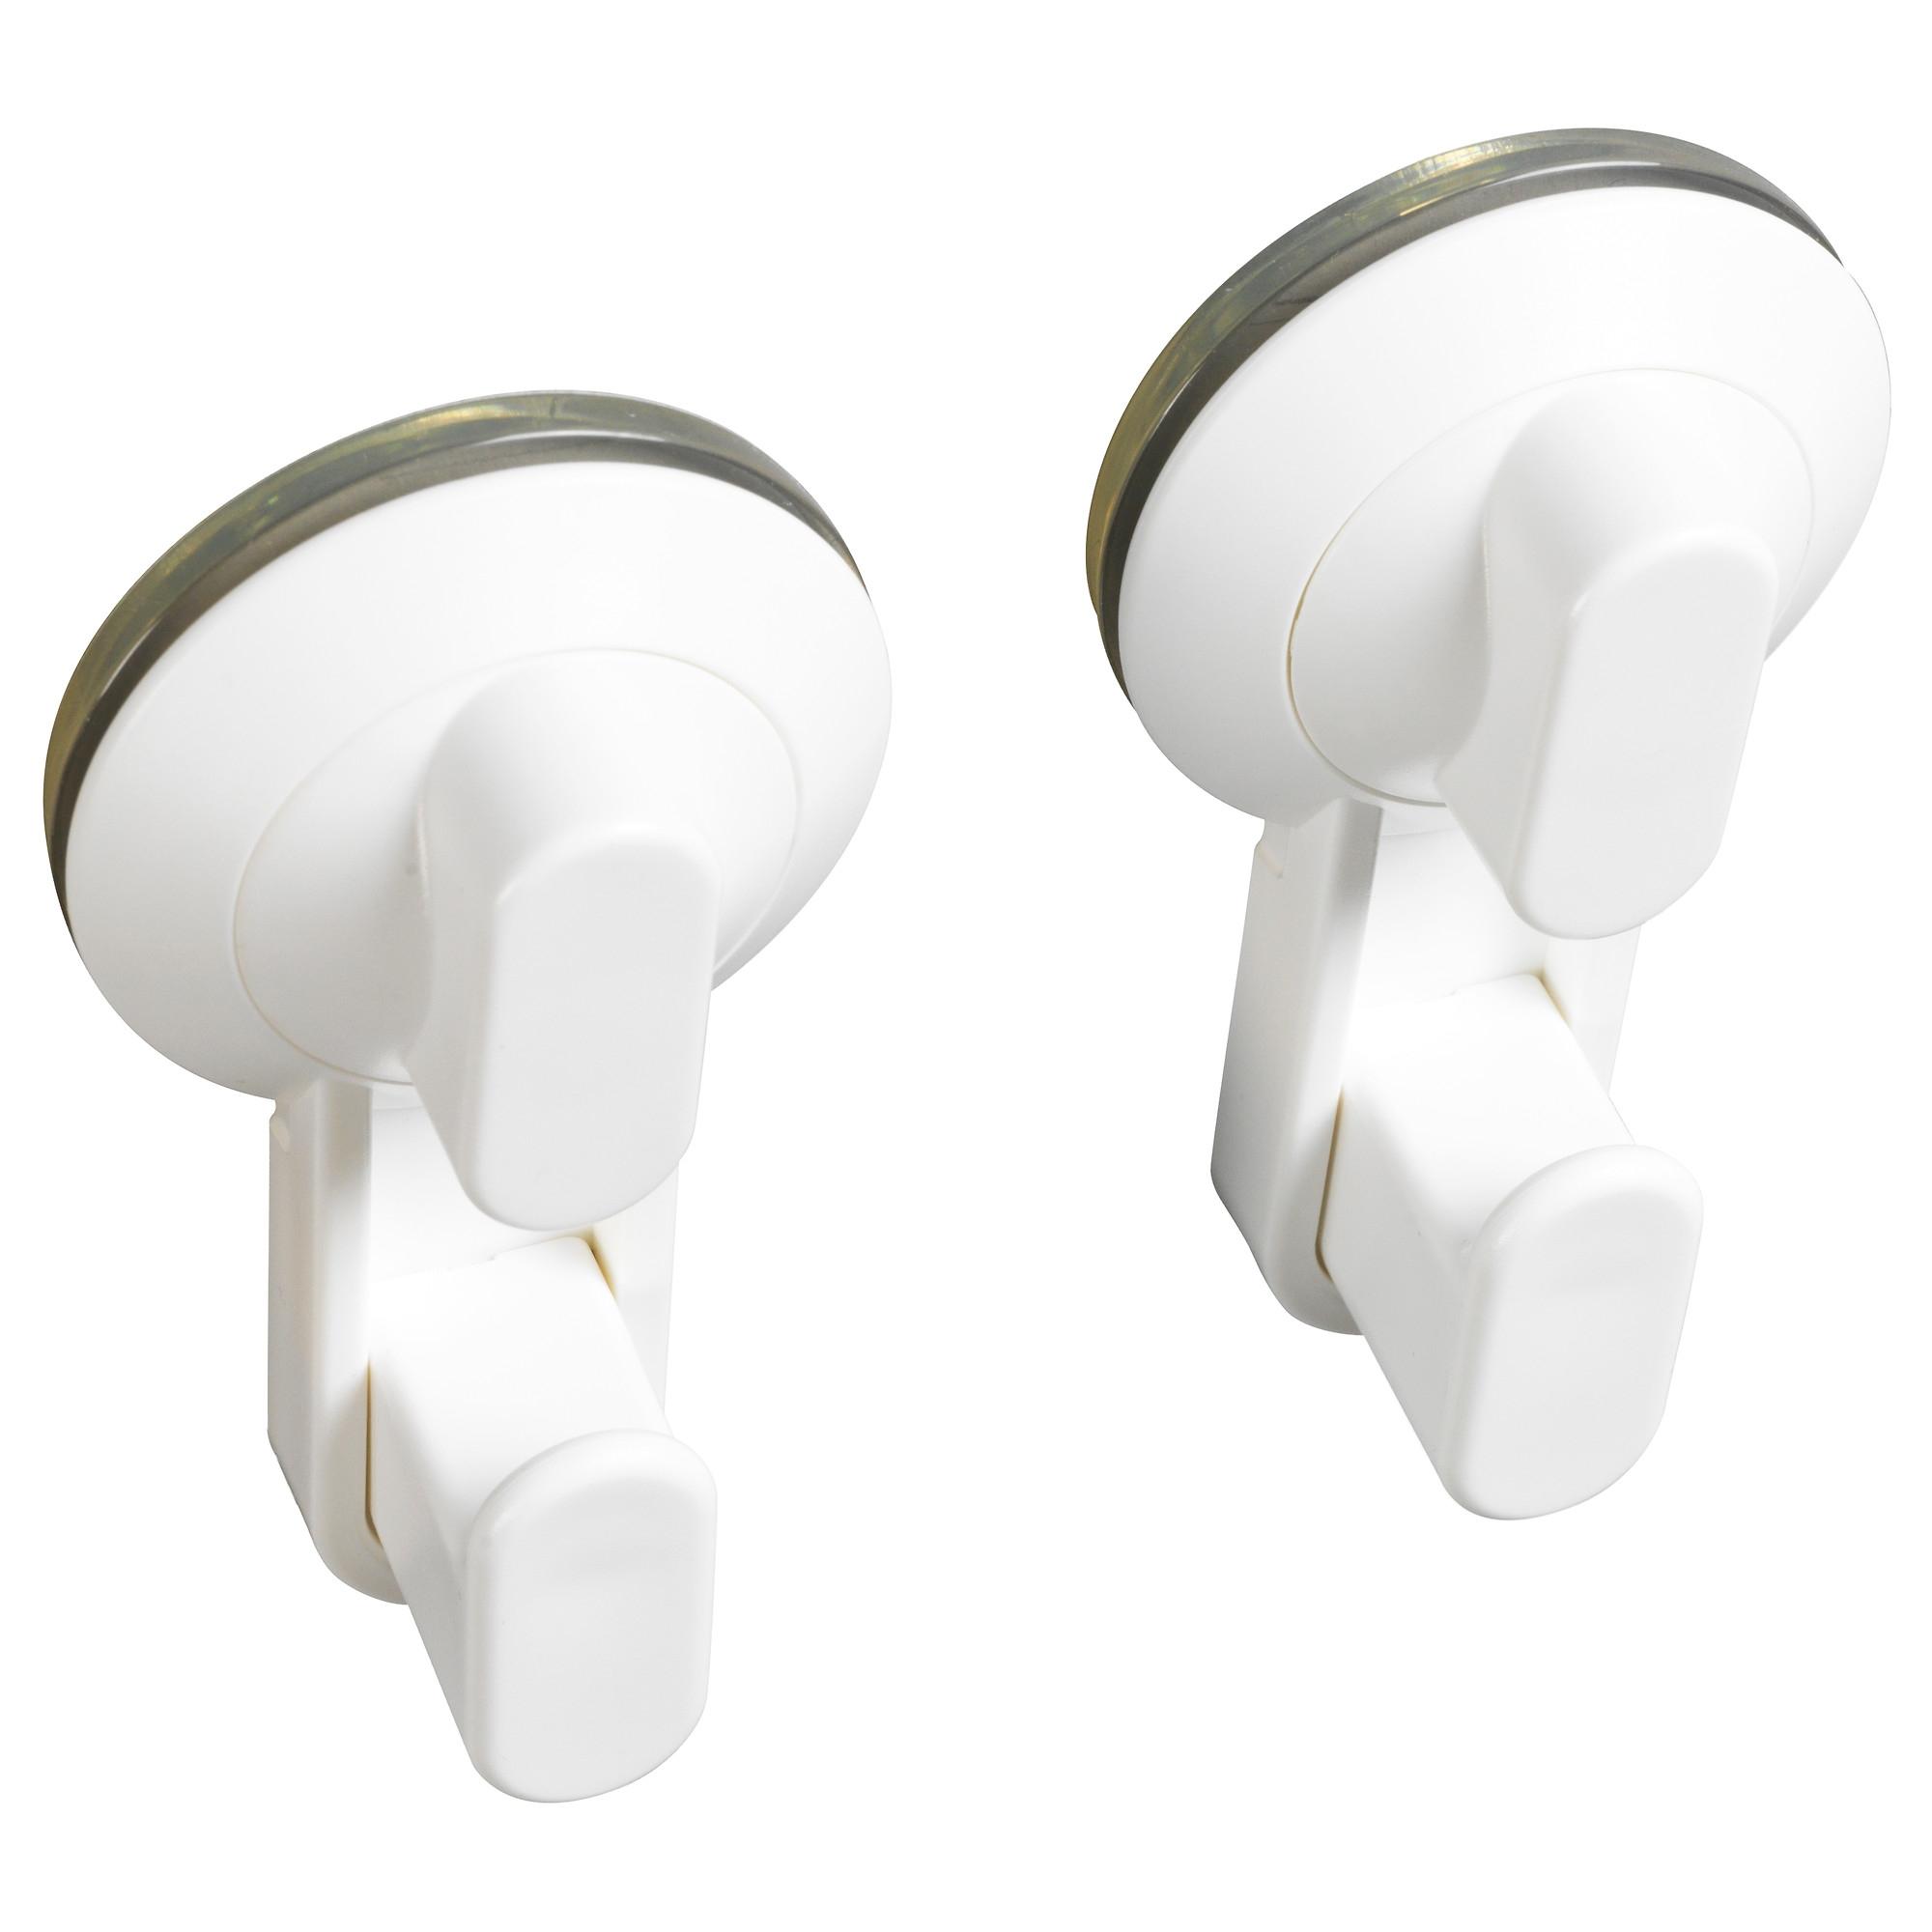 Accesorios De Baño Con Ventosa:inicio dormitorio y baño accesorios para baño toalleros